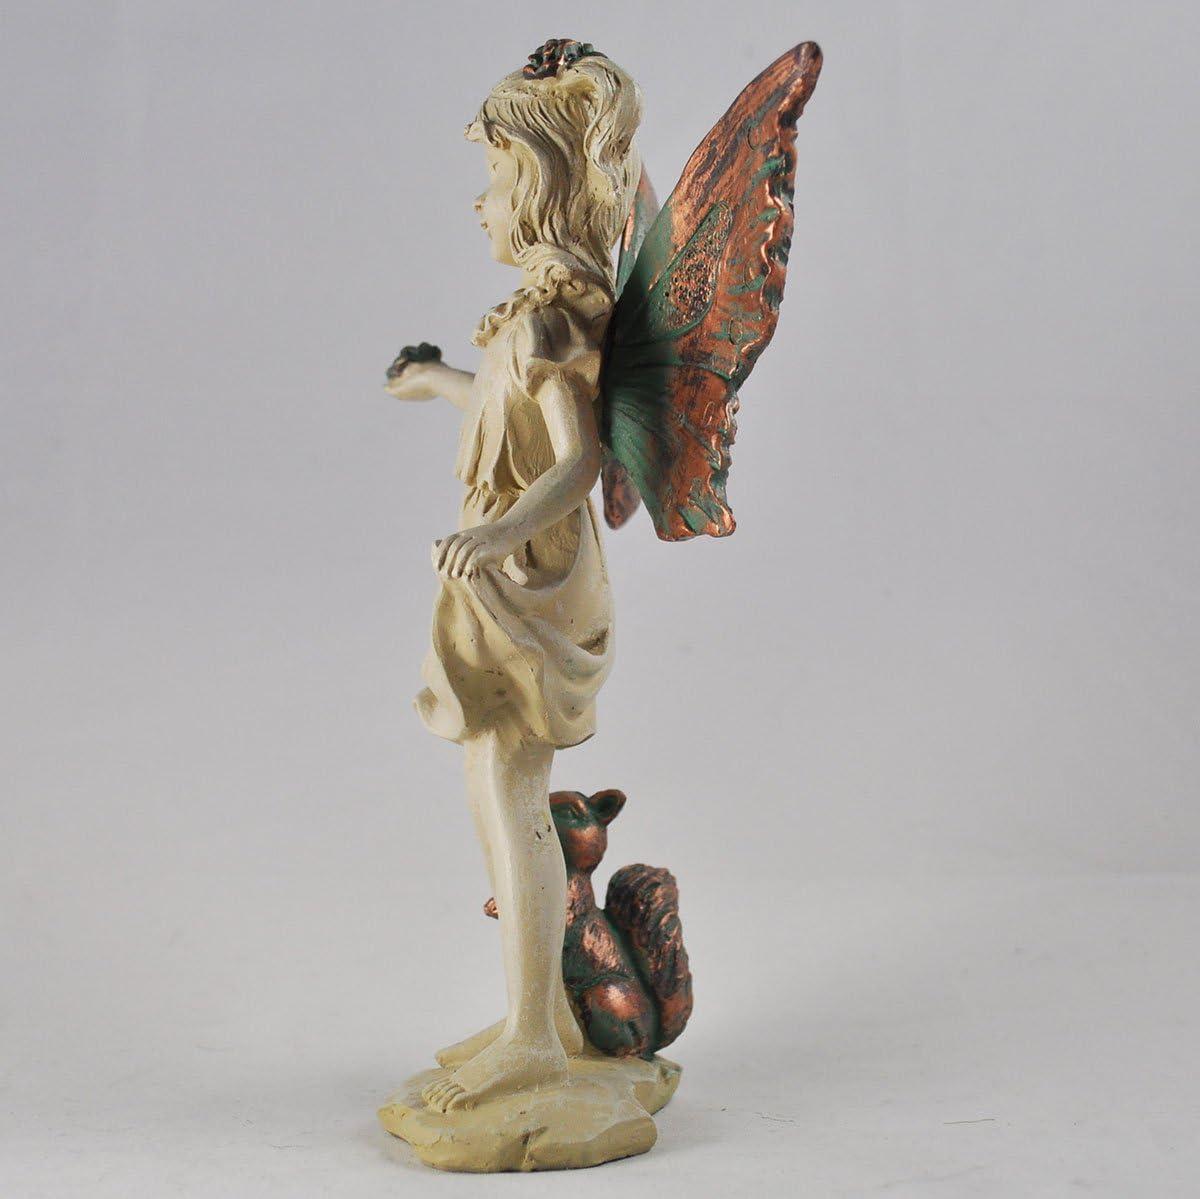 Forest Fairy avec papillon en cuivre Blanc ail/é Sculpture figurine Art D/éco Fille Jardin Home Decor Cadeau H19/cm